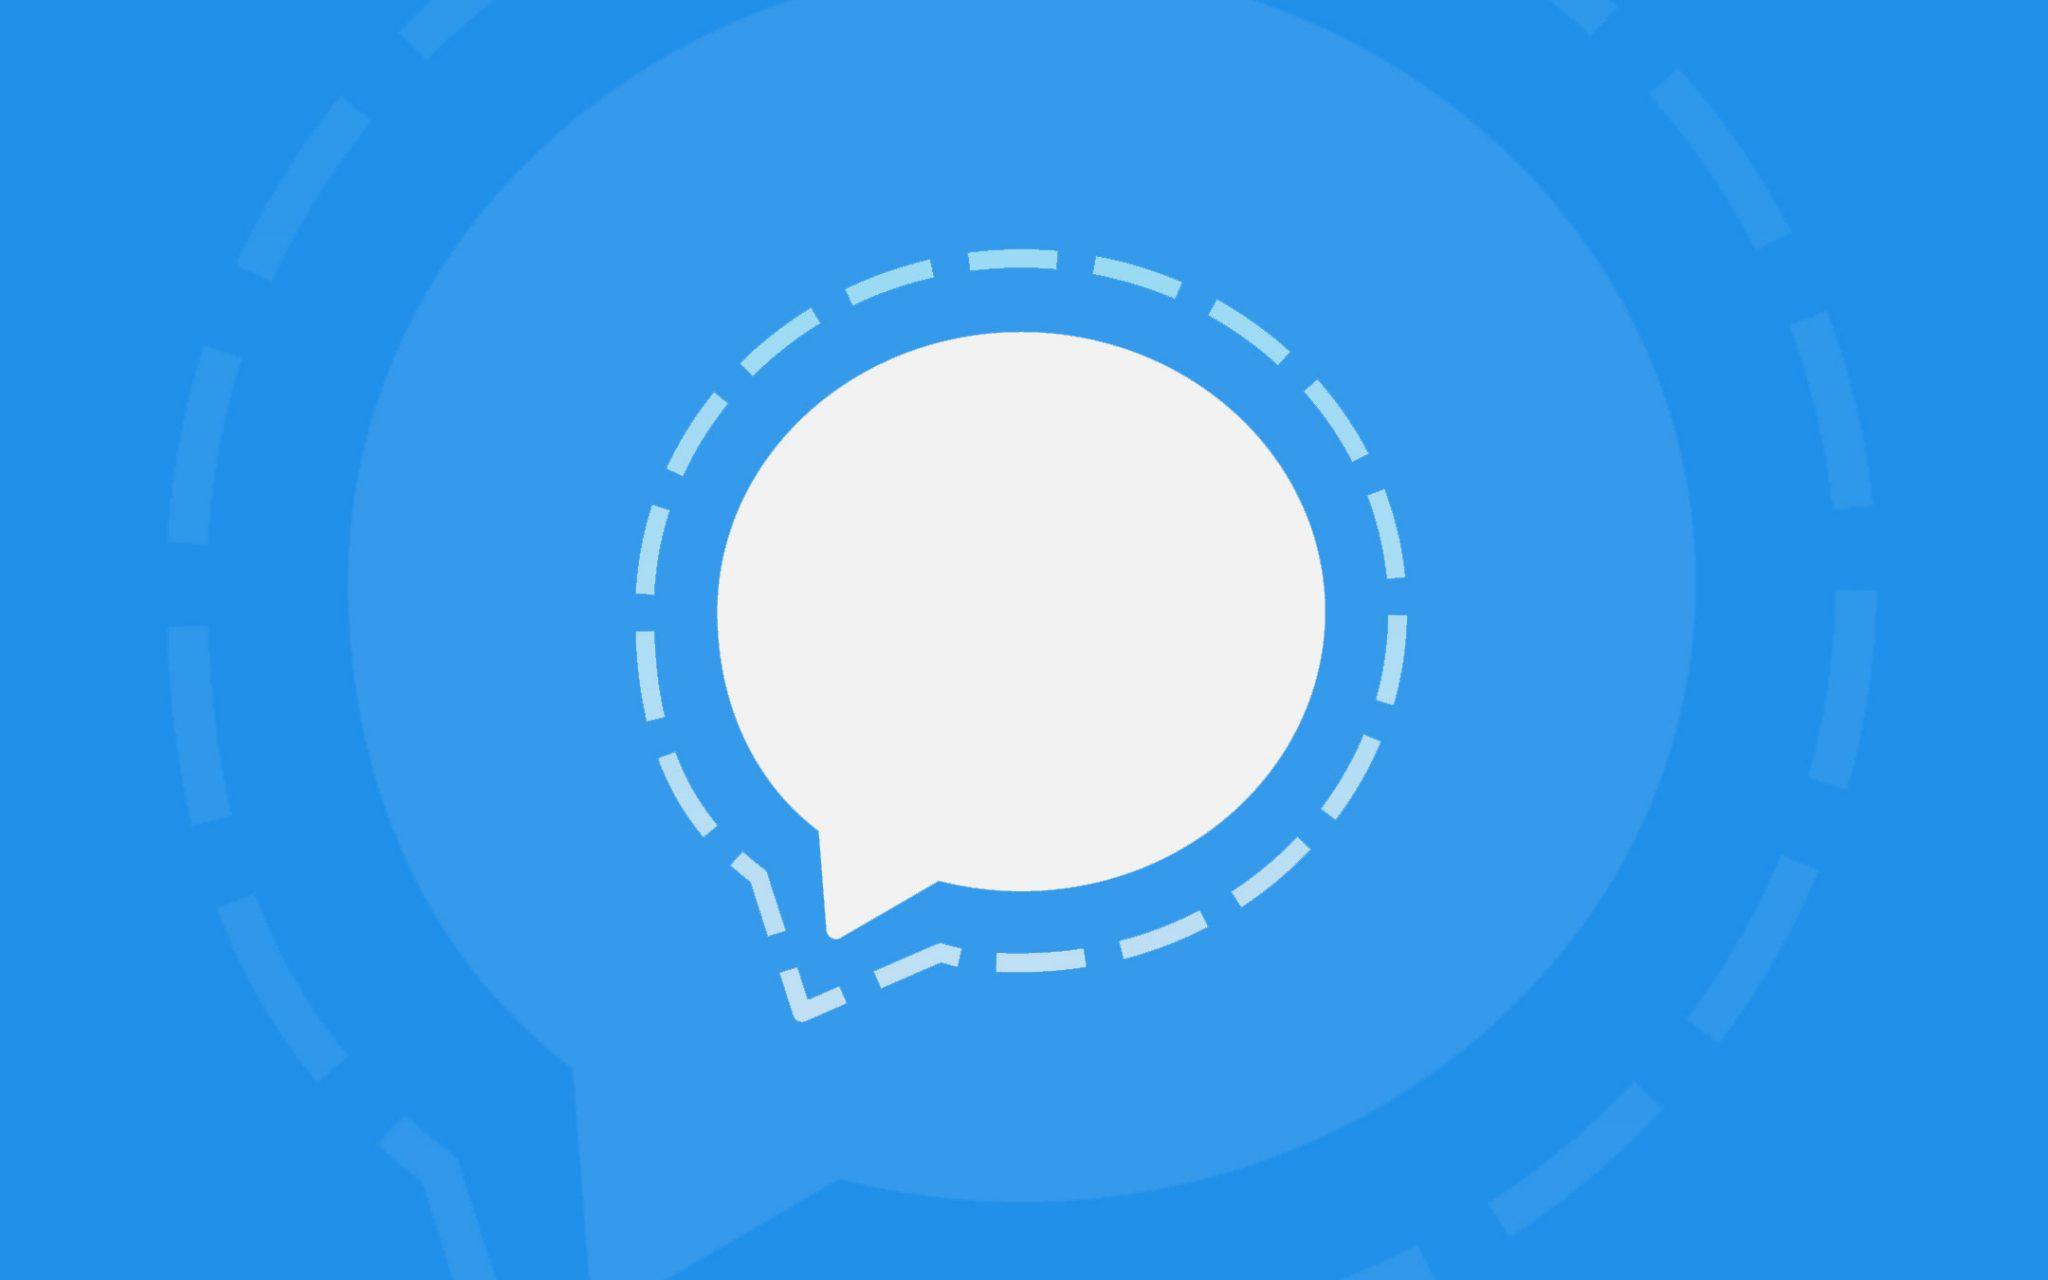 L'UE raccomanda ai dipendenti di usare Signal come app di messaggistica thumbnail